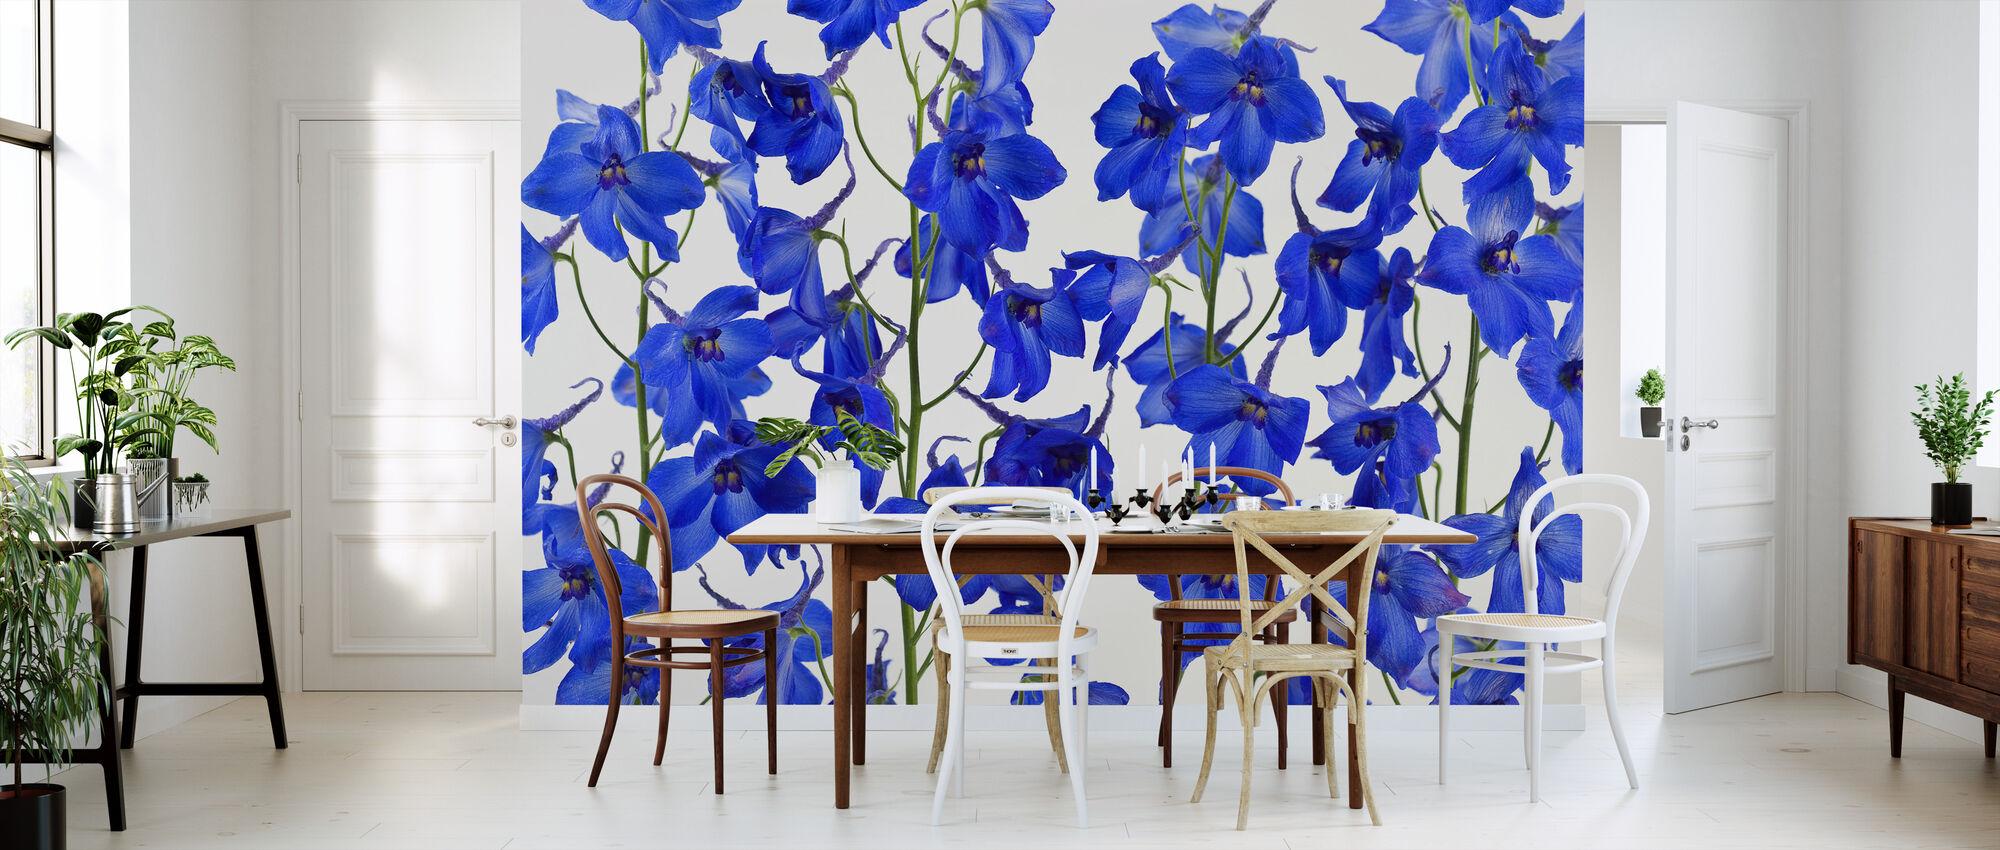 Blå Blommor - Tapet - Kök